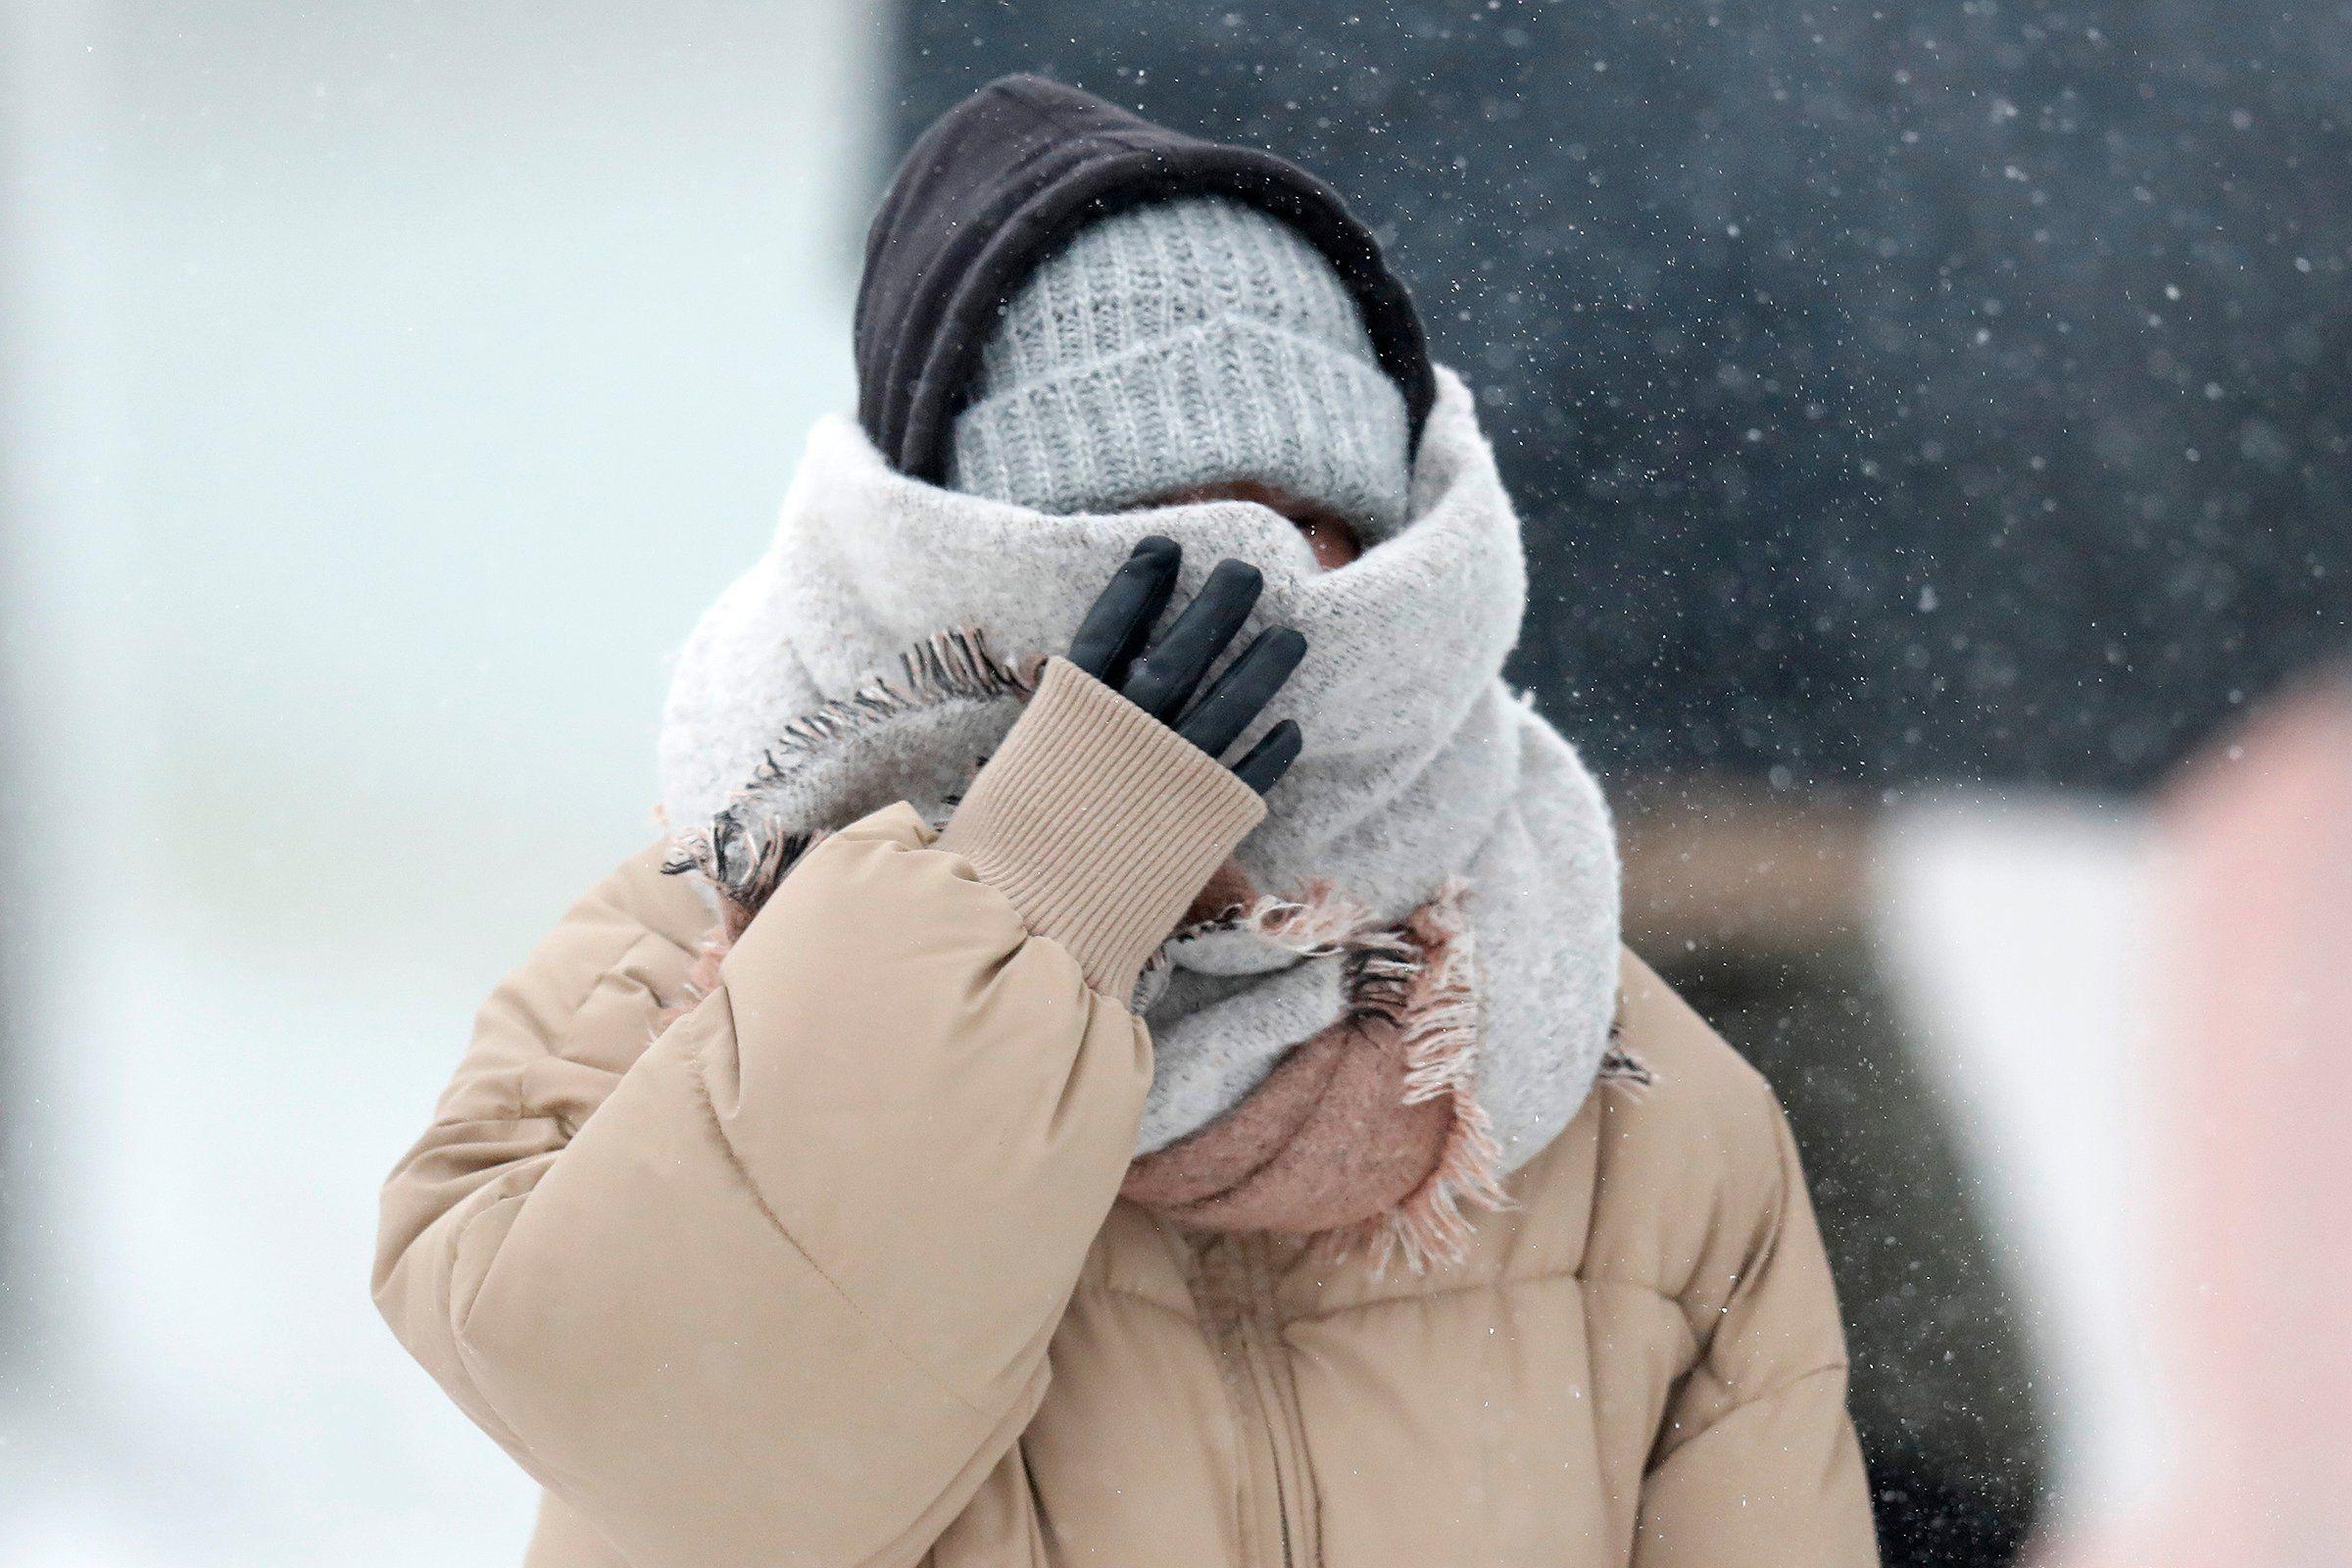 В Тверскую область идет похолодание